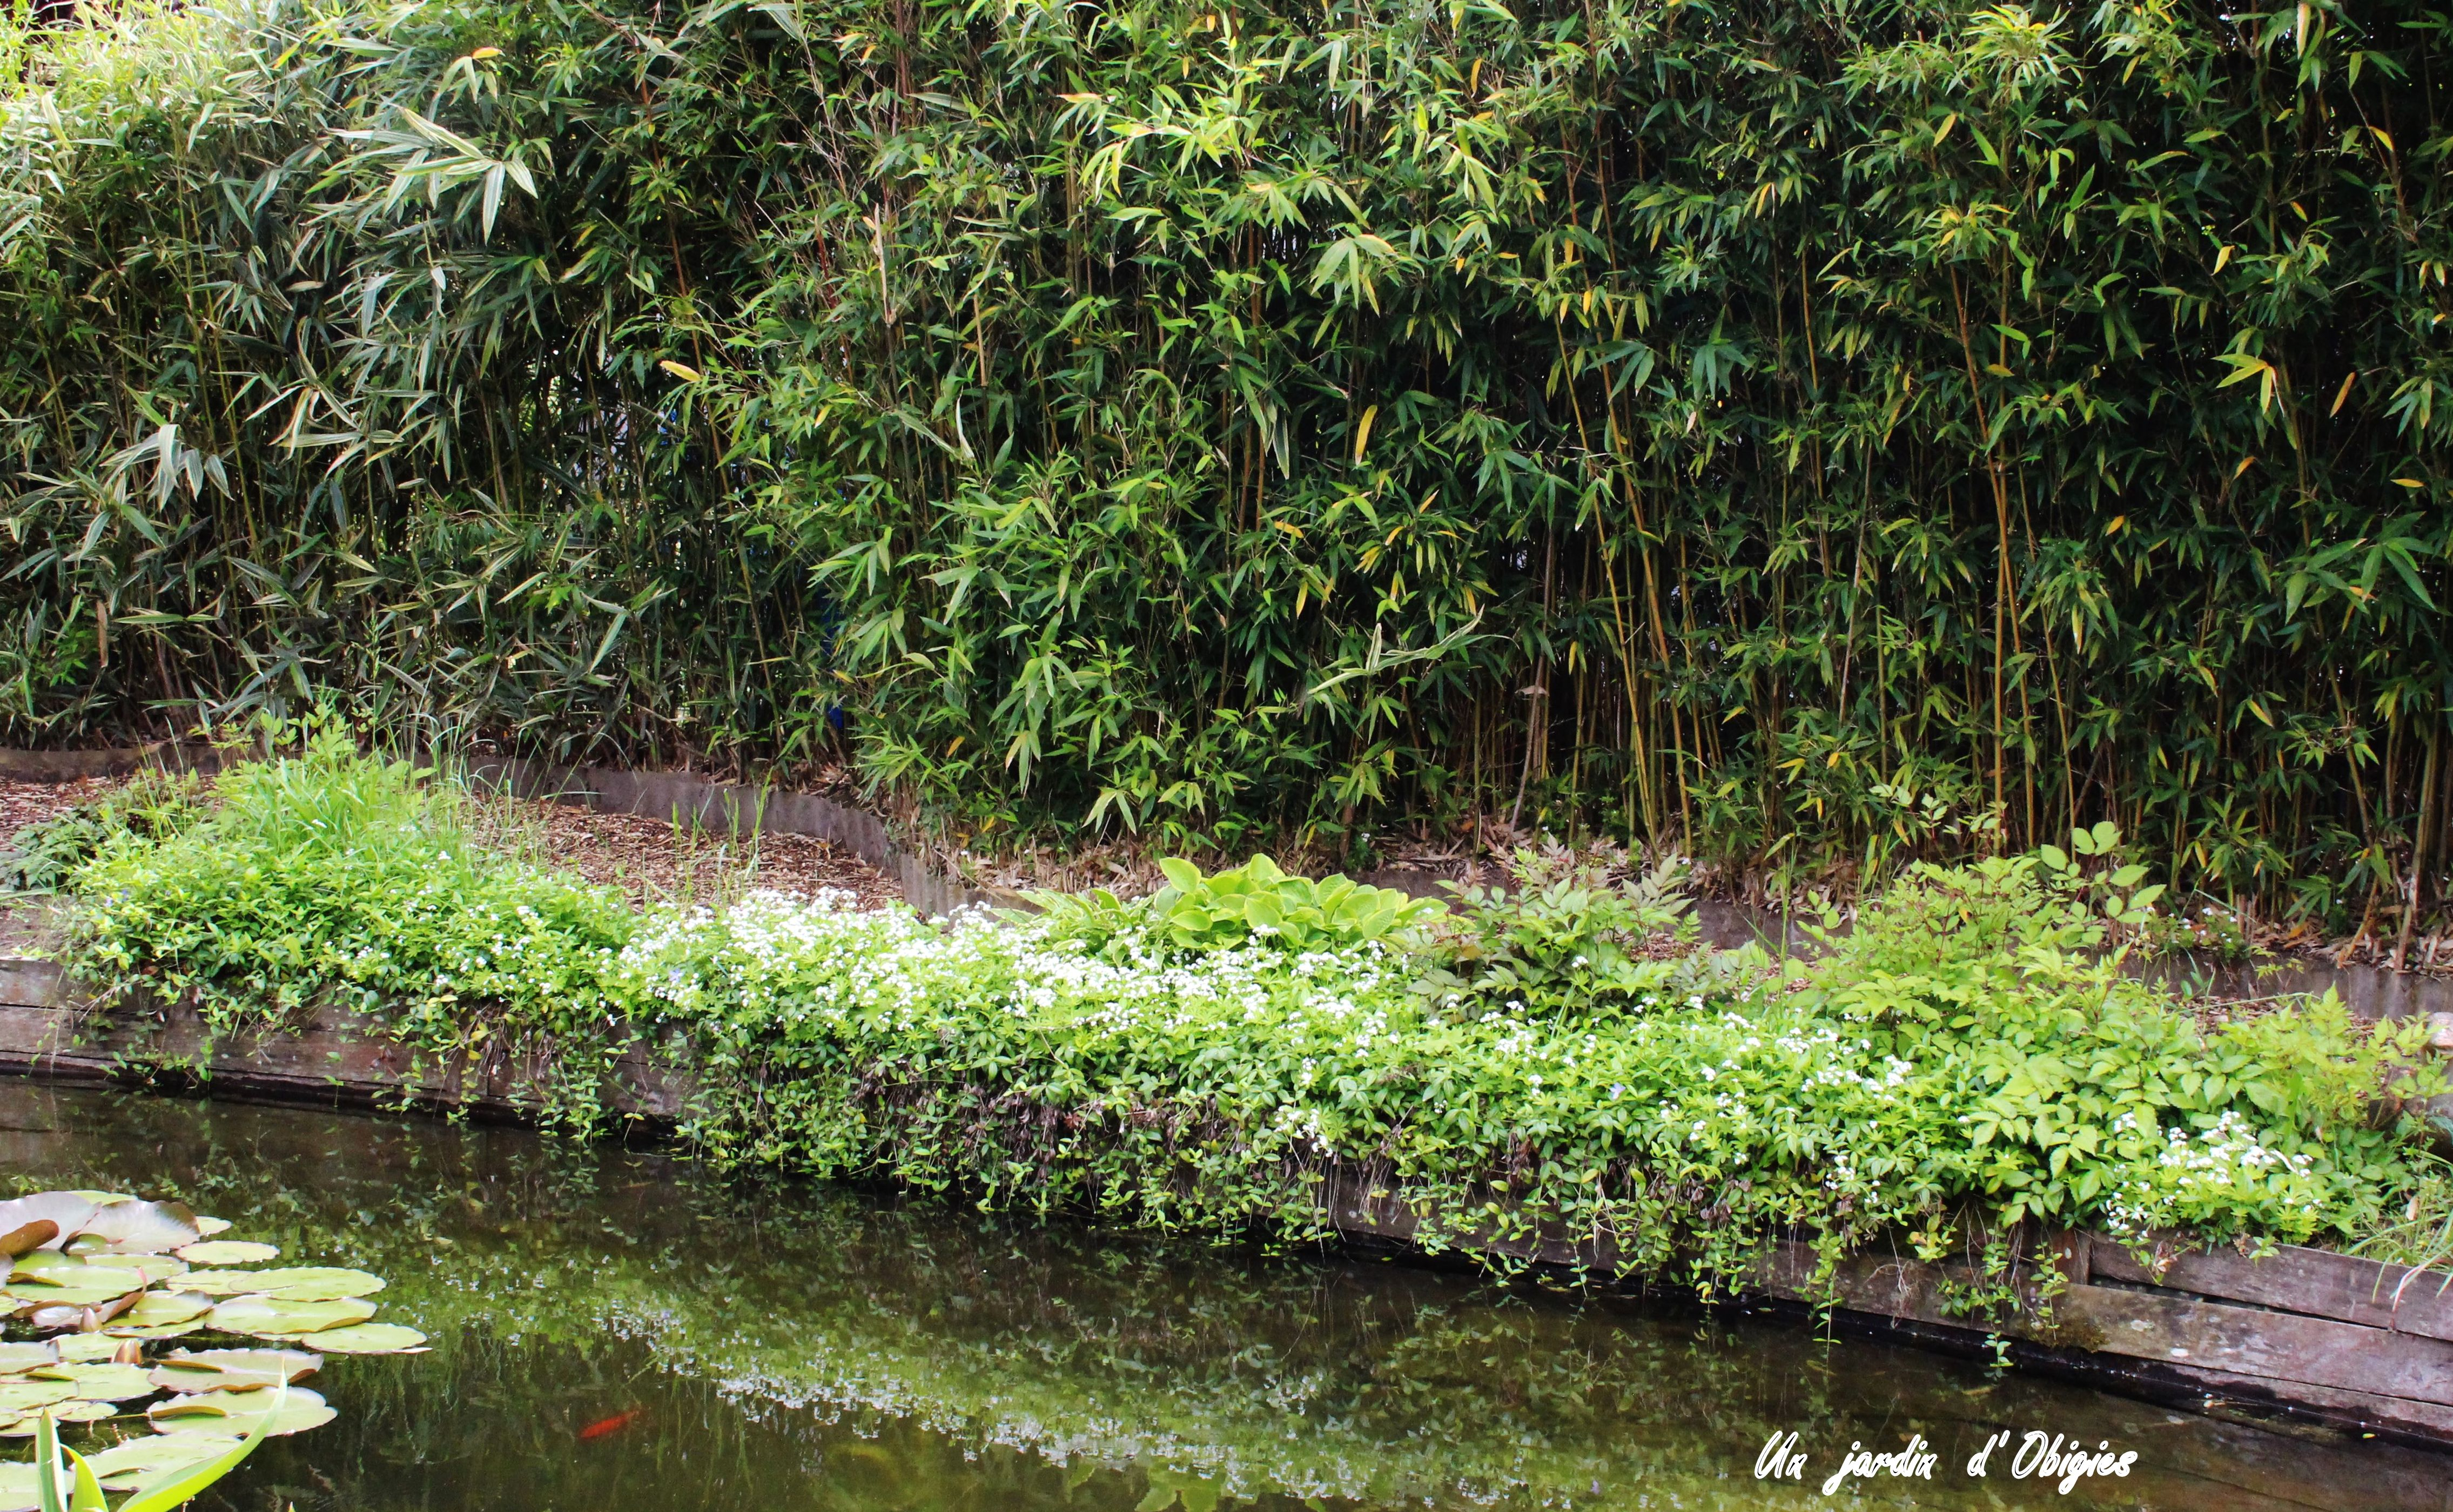 Bordure d' aspérule odorante - galium odoratum au jardin d' Obigies